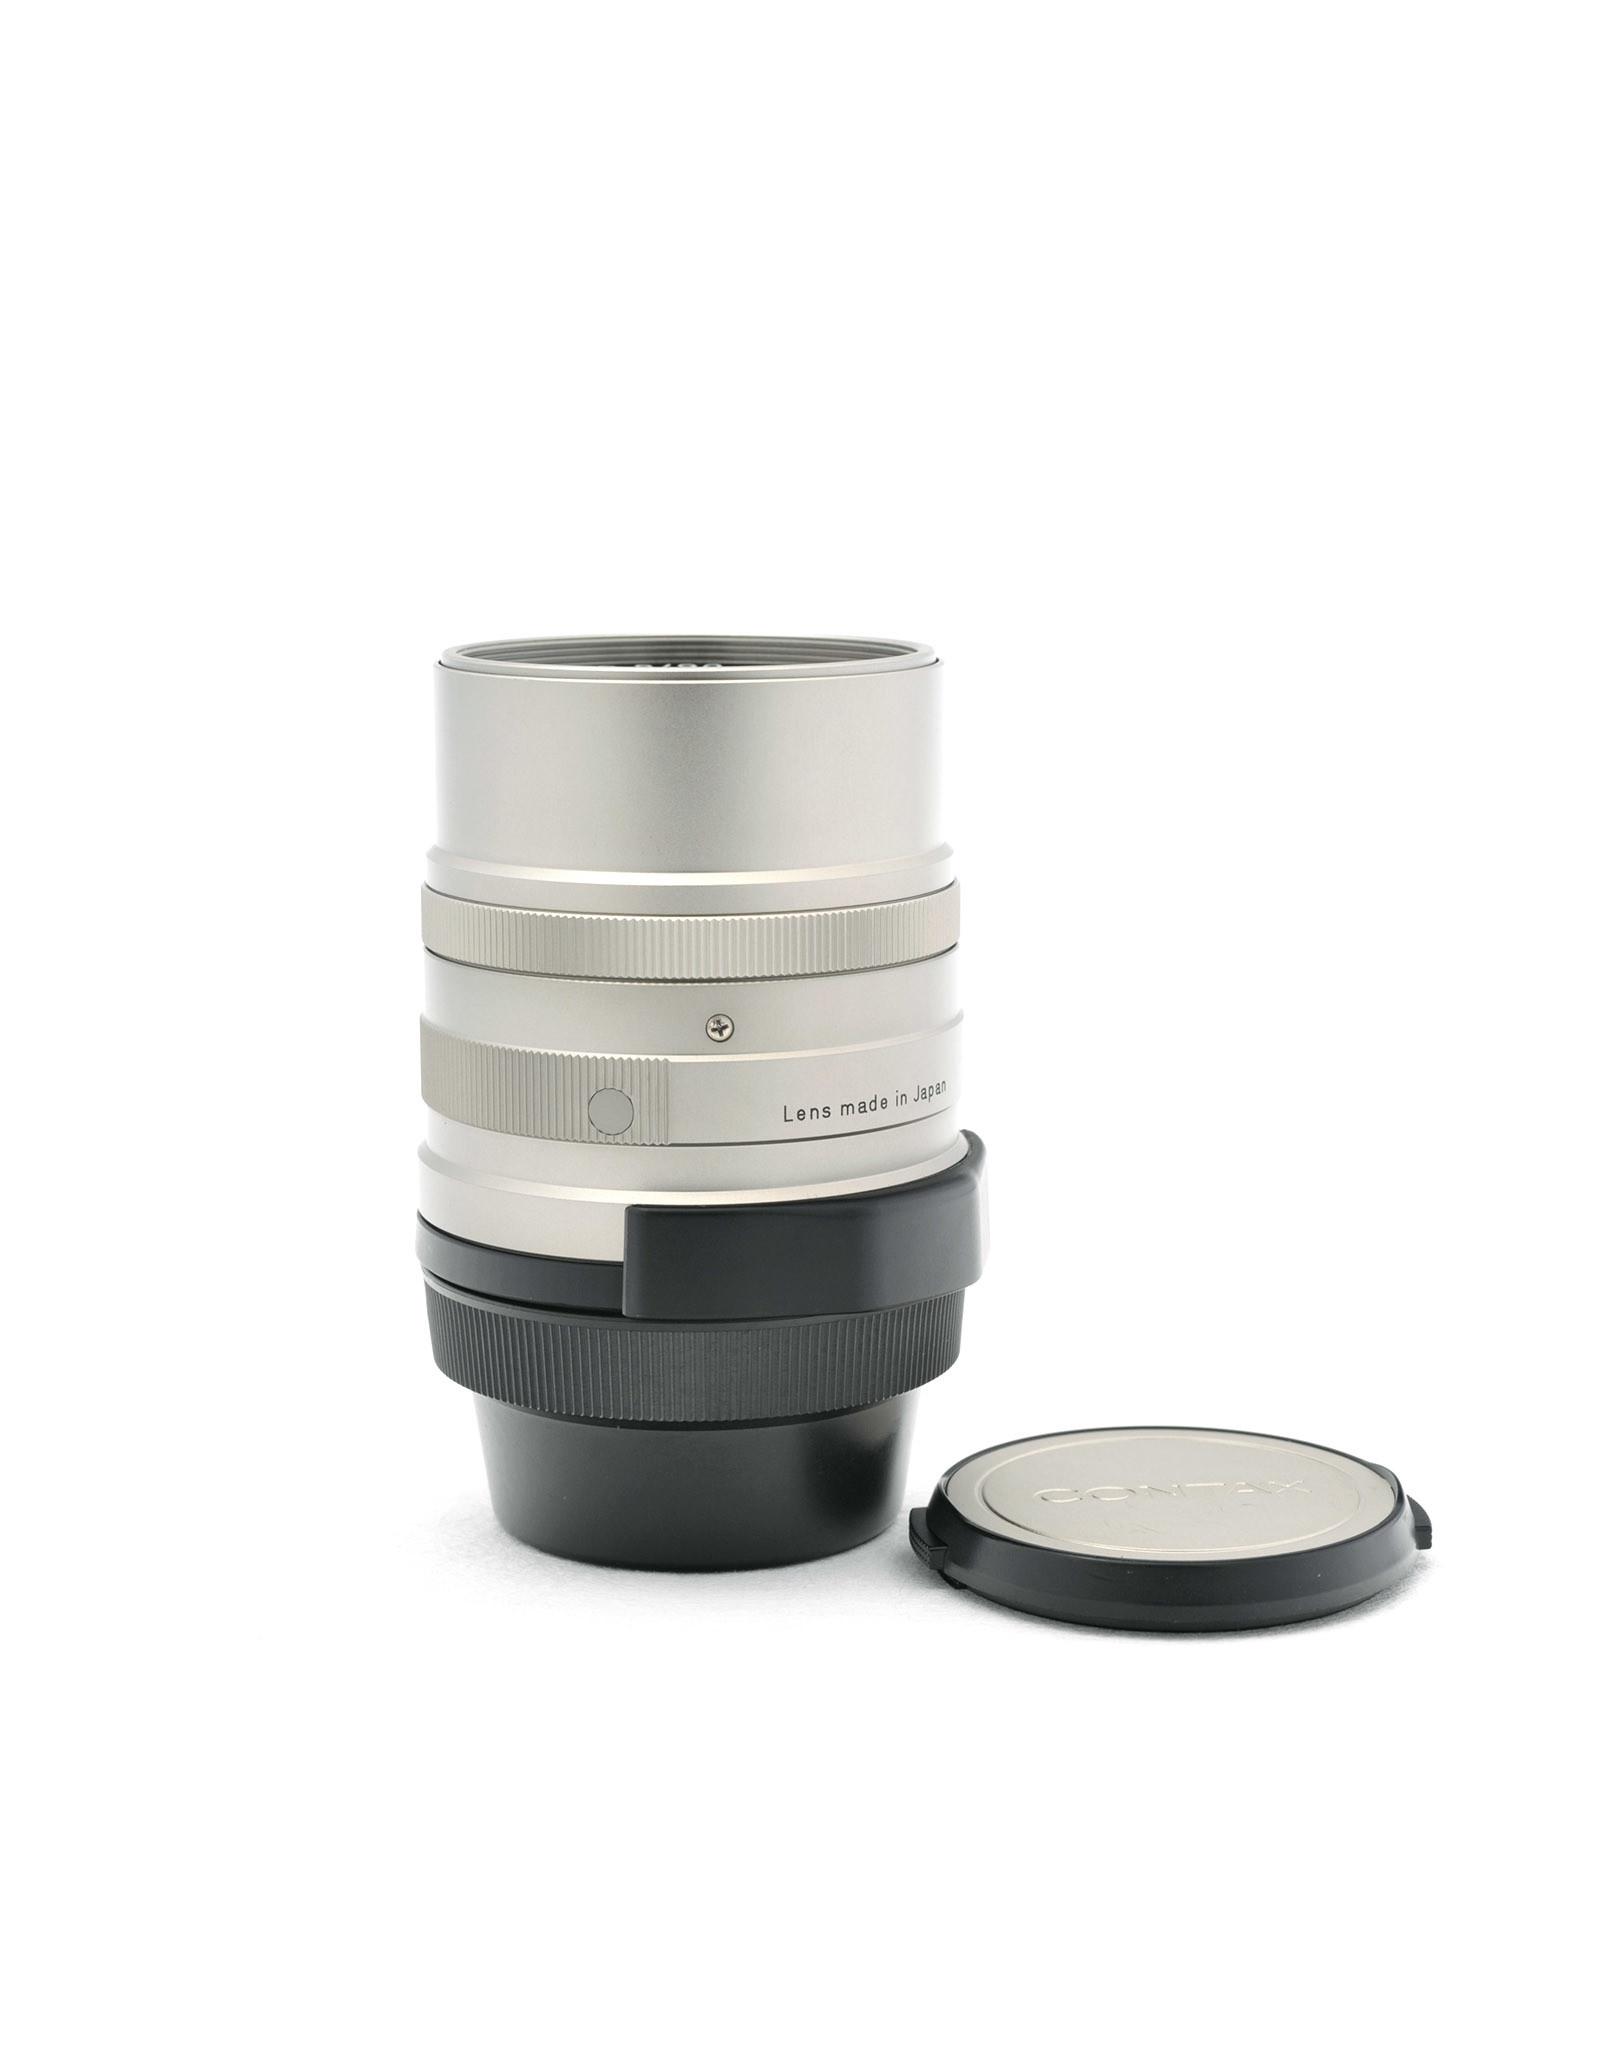 Contax Contax 90mm f2.8 Sonnar T*   AP1060106